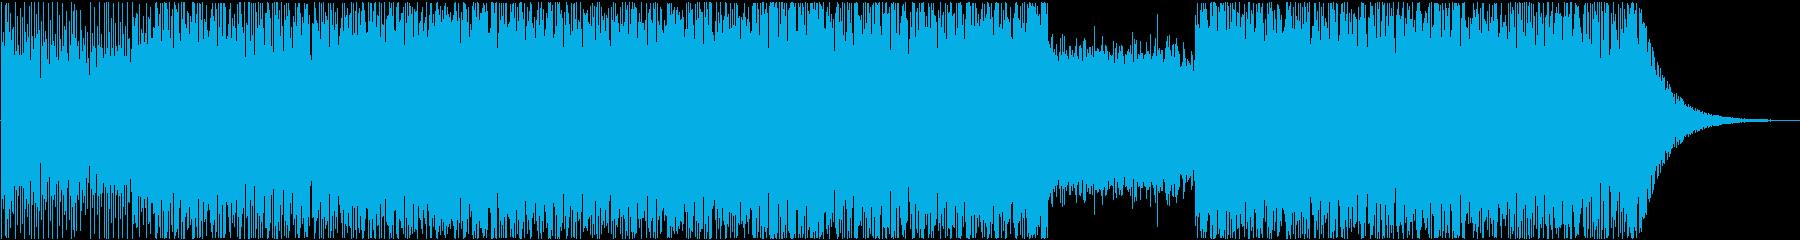 レトロな雰囲気の疾走感がある電子音楽の再生済みの波形